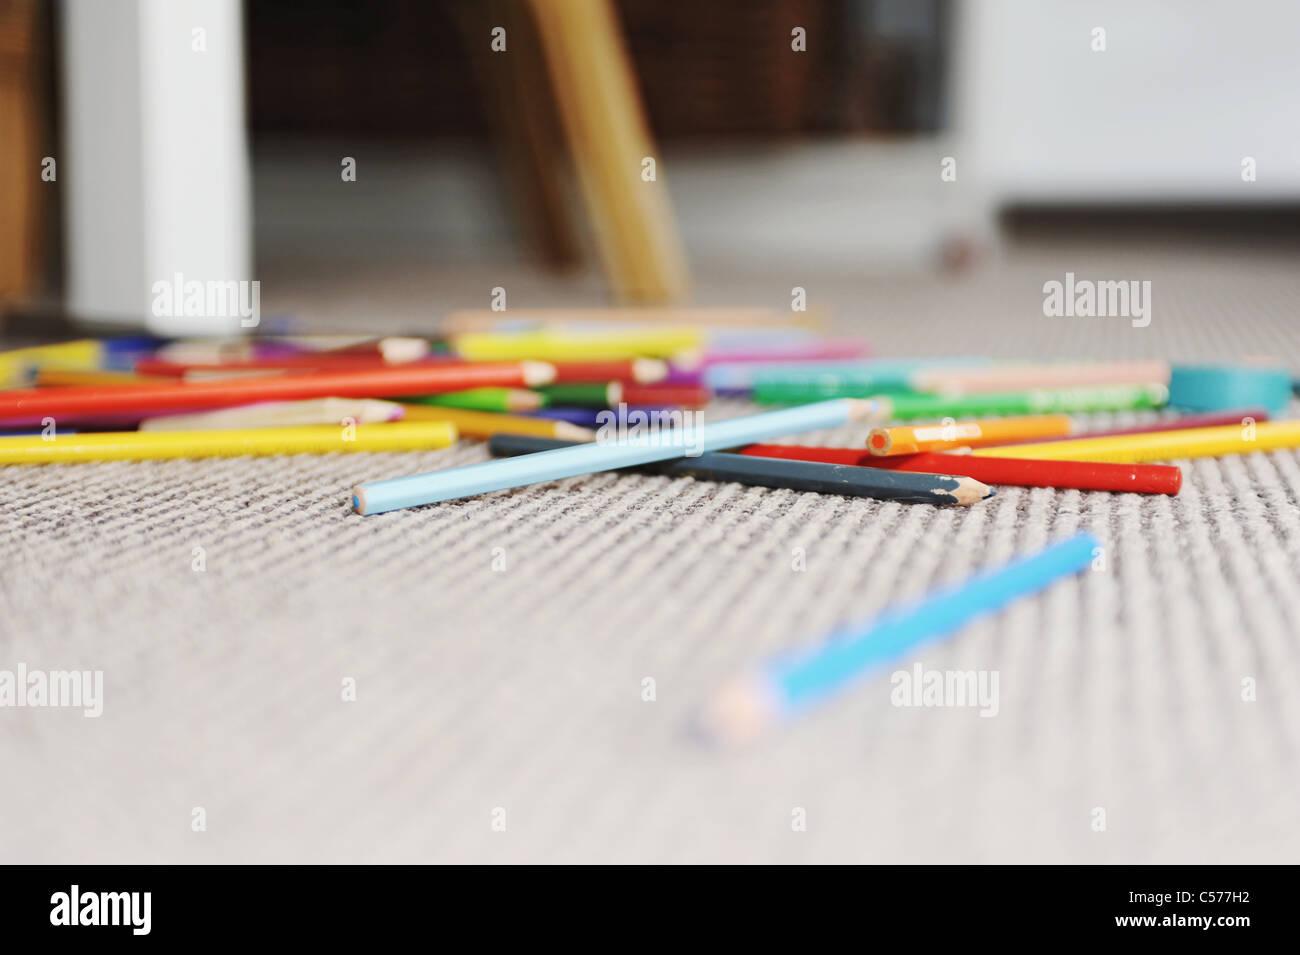 Matite colorate in pila sul pavimento Immagini Stock